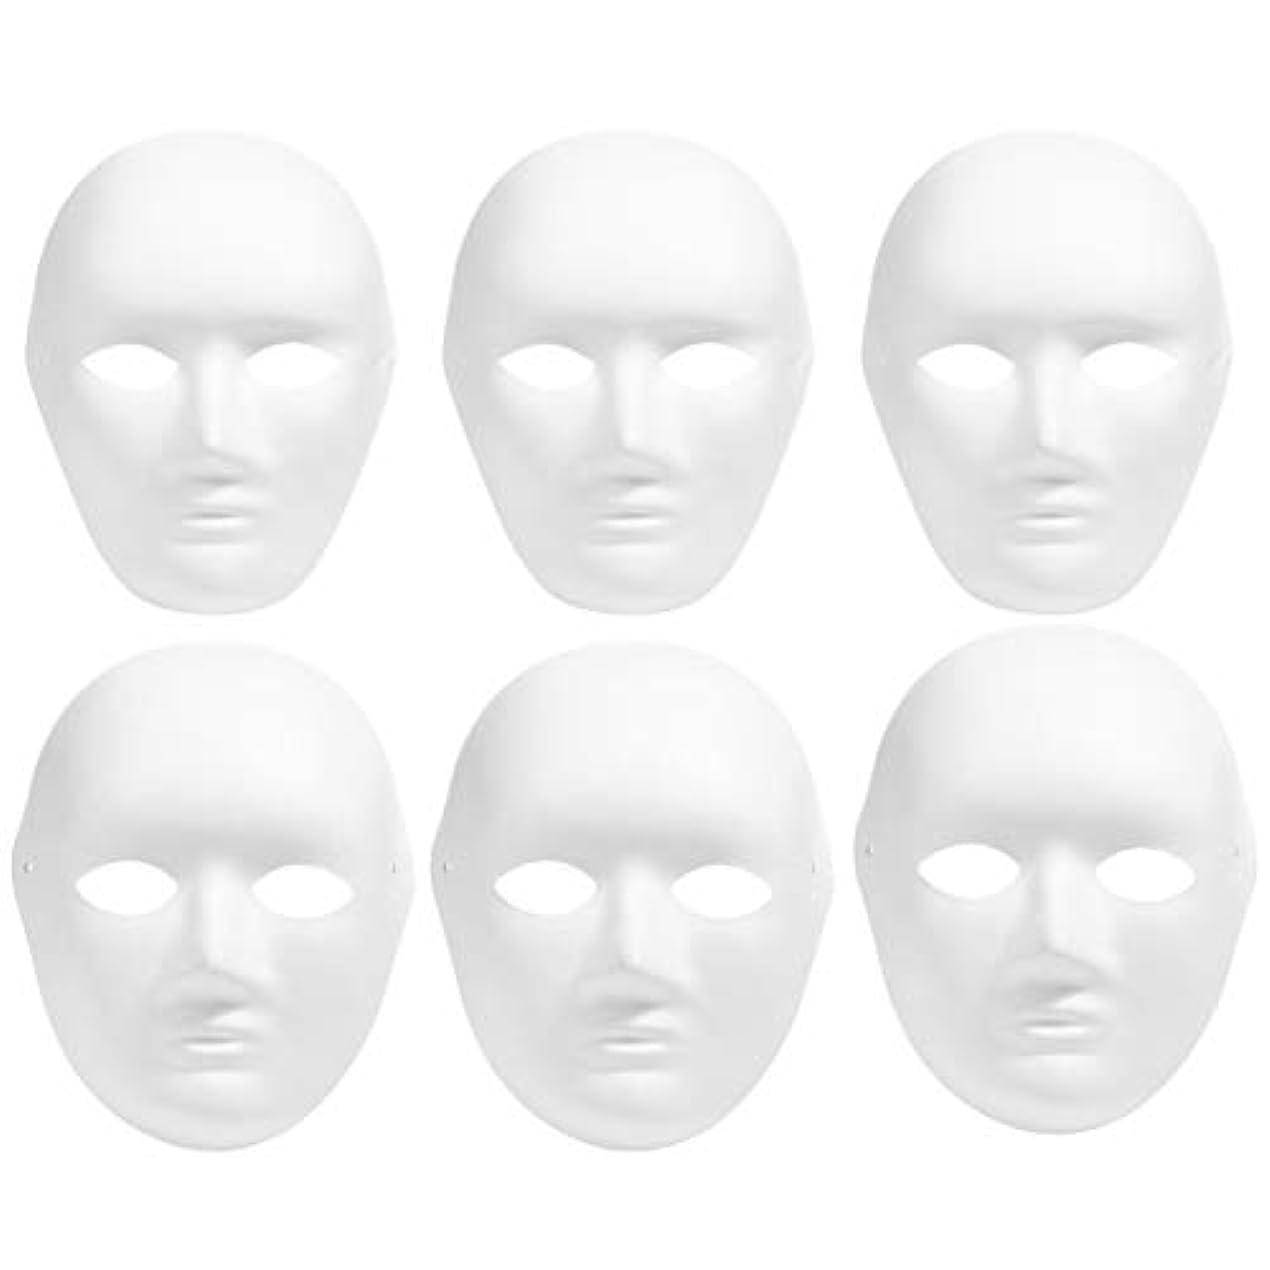 ビバガスセンブランスマスク ハロウィン 怖い 白い人面マスク ハロウィンマスク ハロウィン 仮装 仮面 コスプレ 6*男性?6*女性